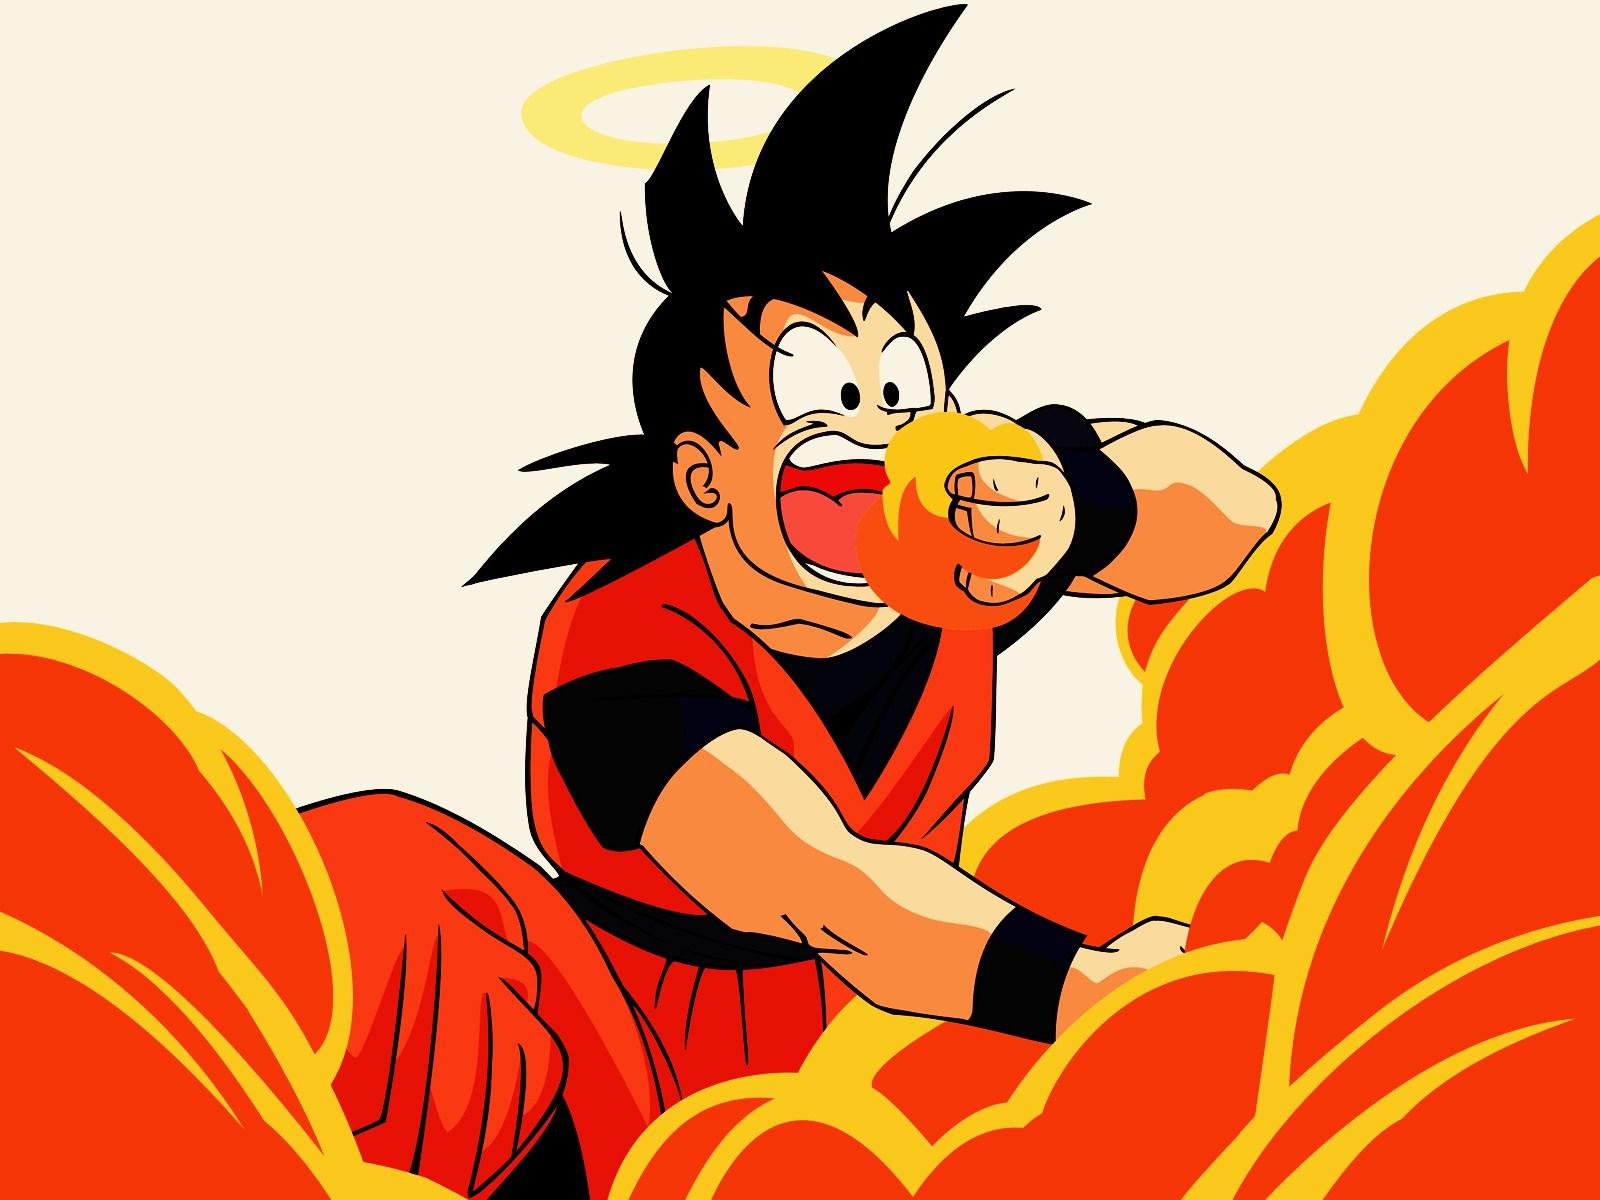 Son Goku Wallpaper 1600x1200 Son Goku Dragon Ball Z 1600x1200